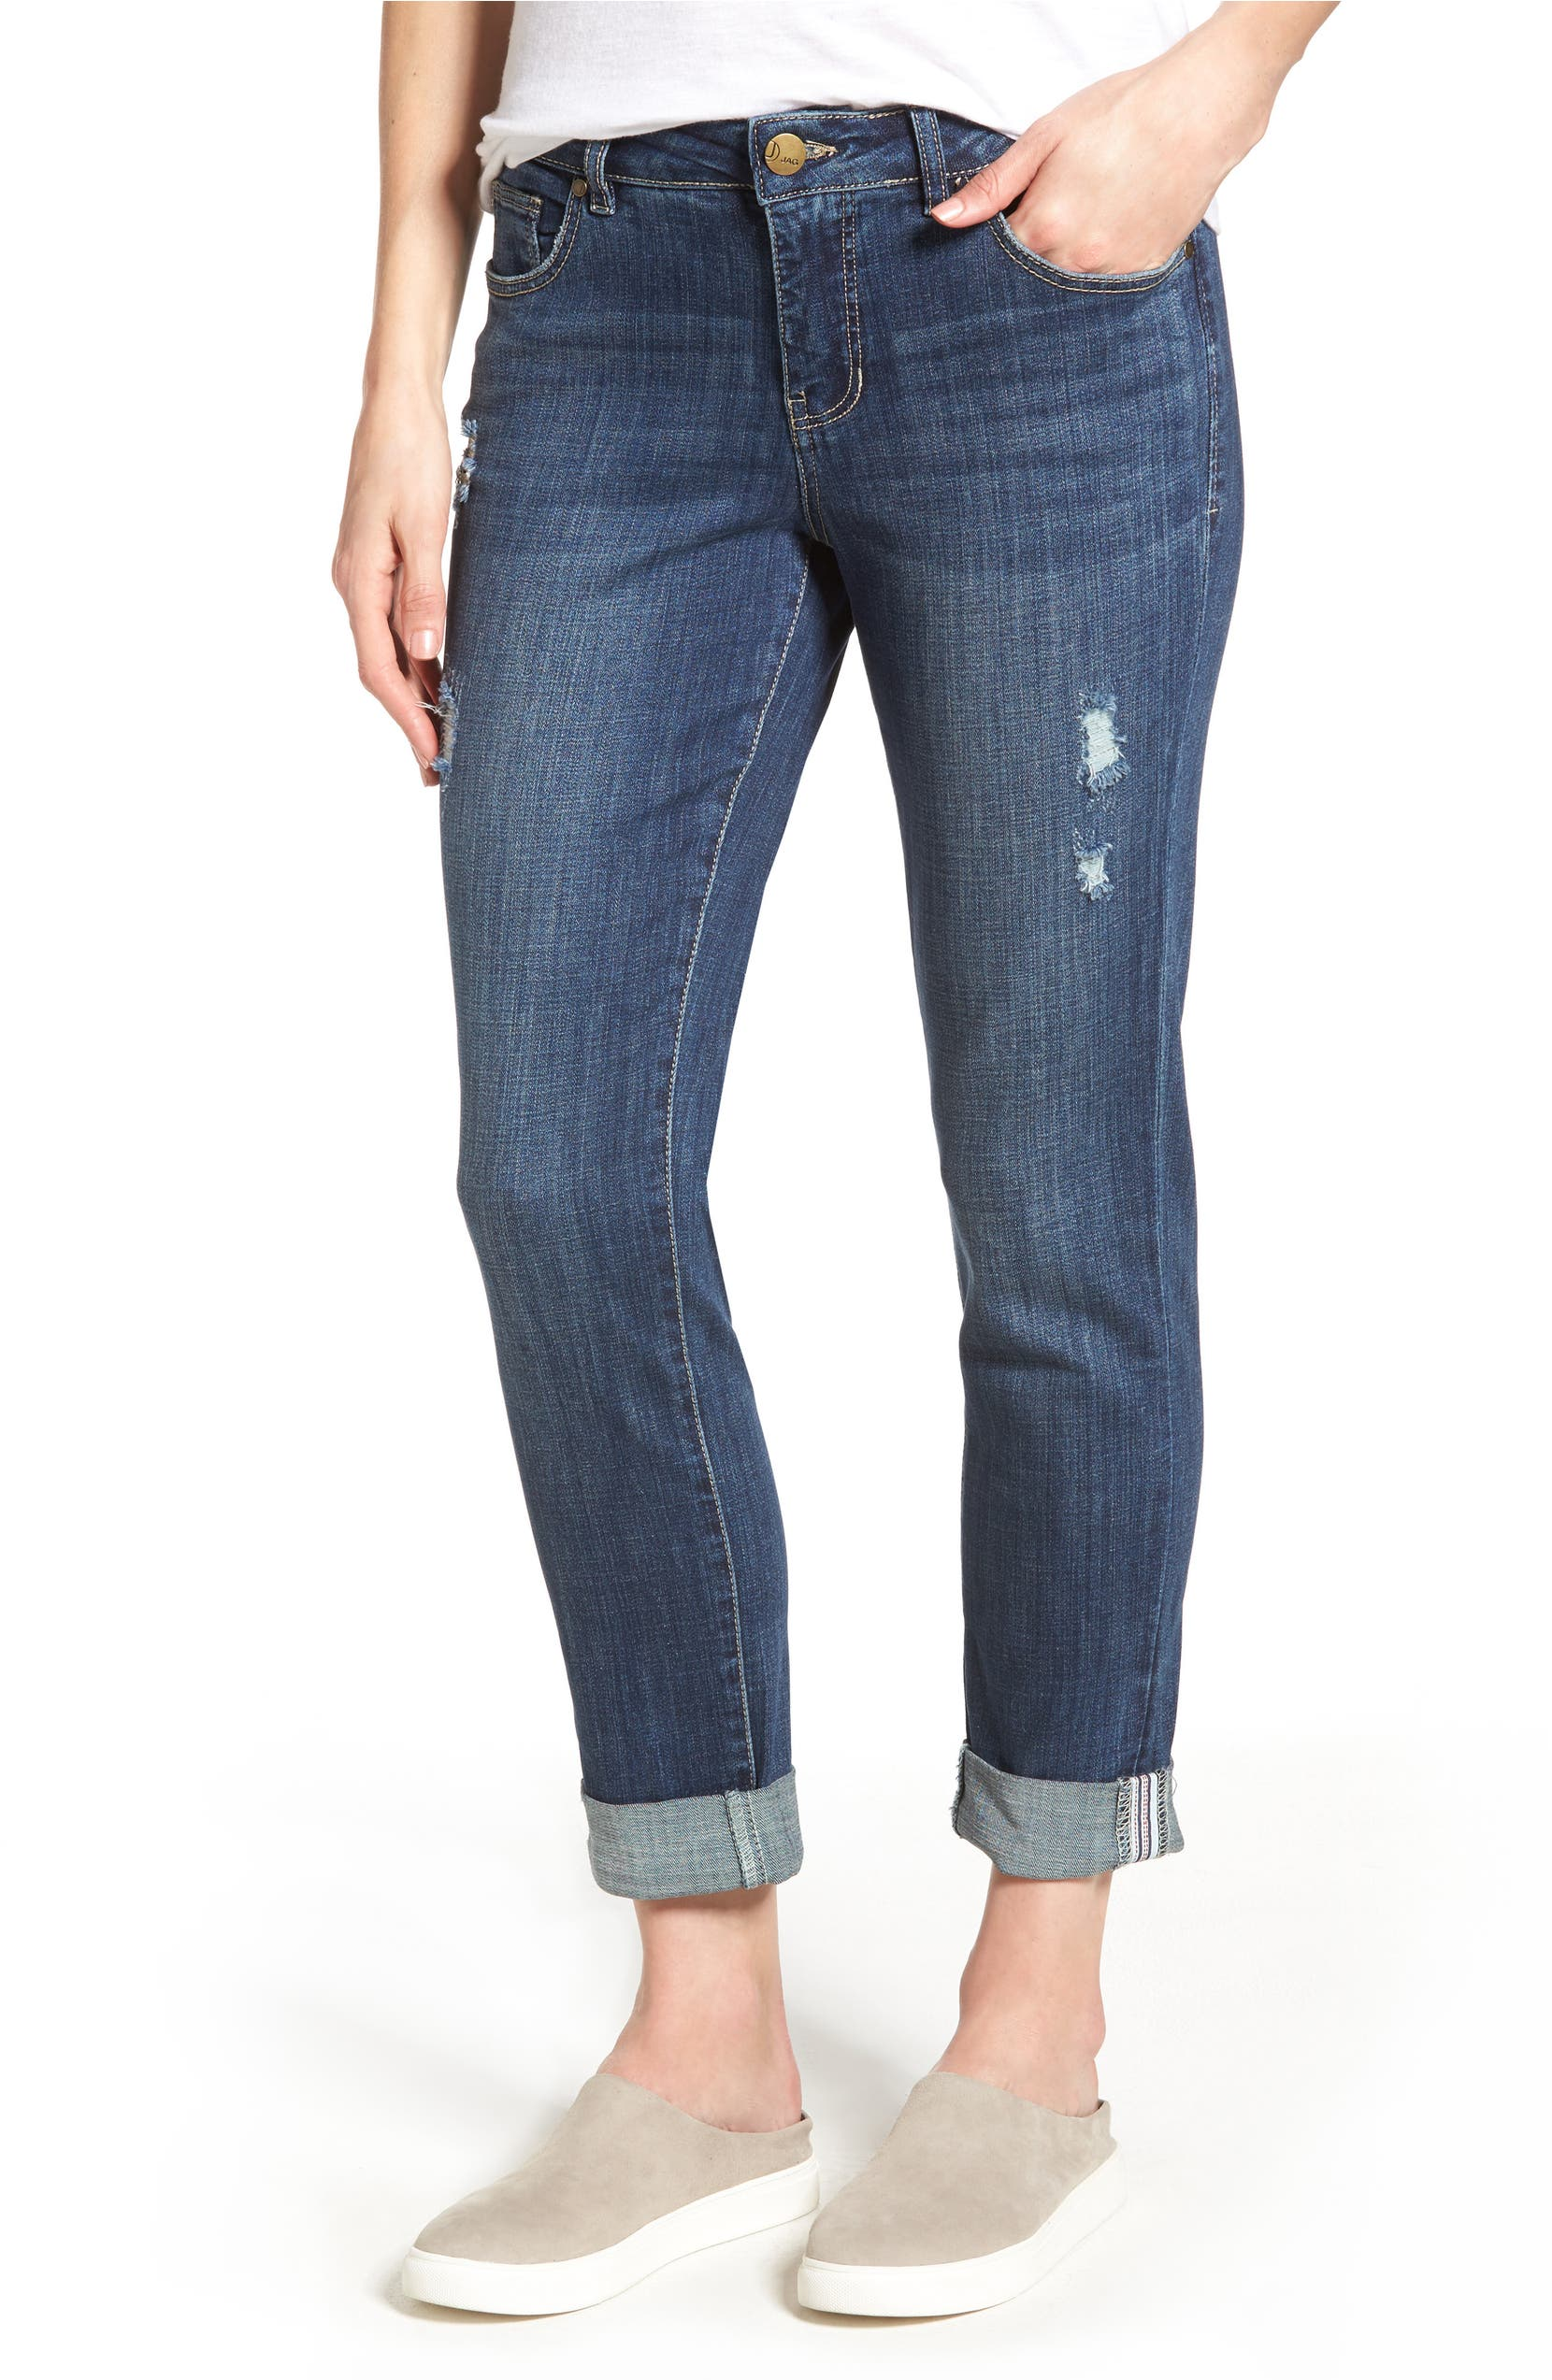 24965a8b6e Jag Jeans Carter Cuffed Stretch Girlfriend Jeans